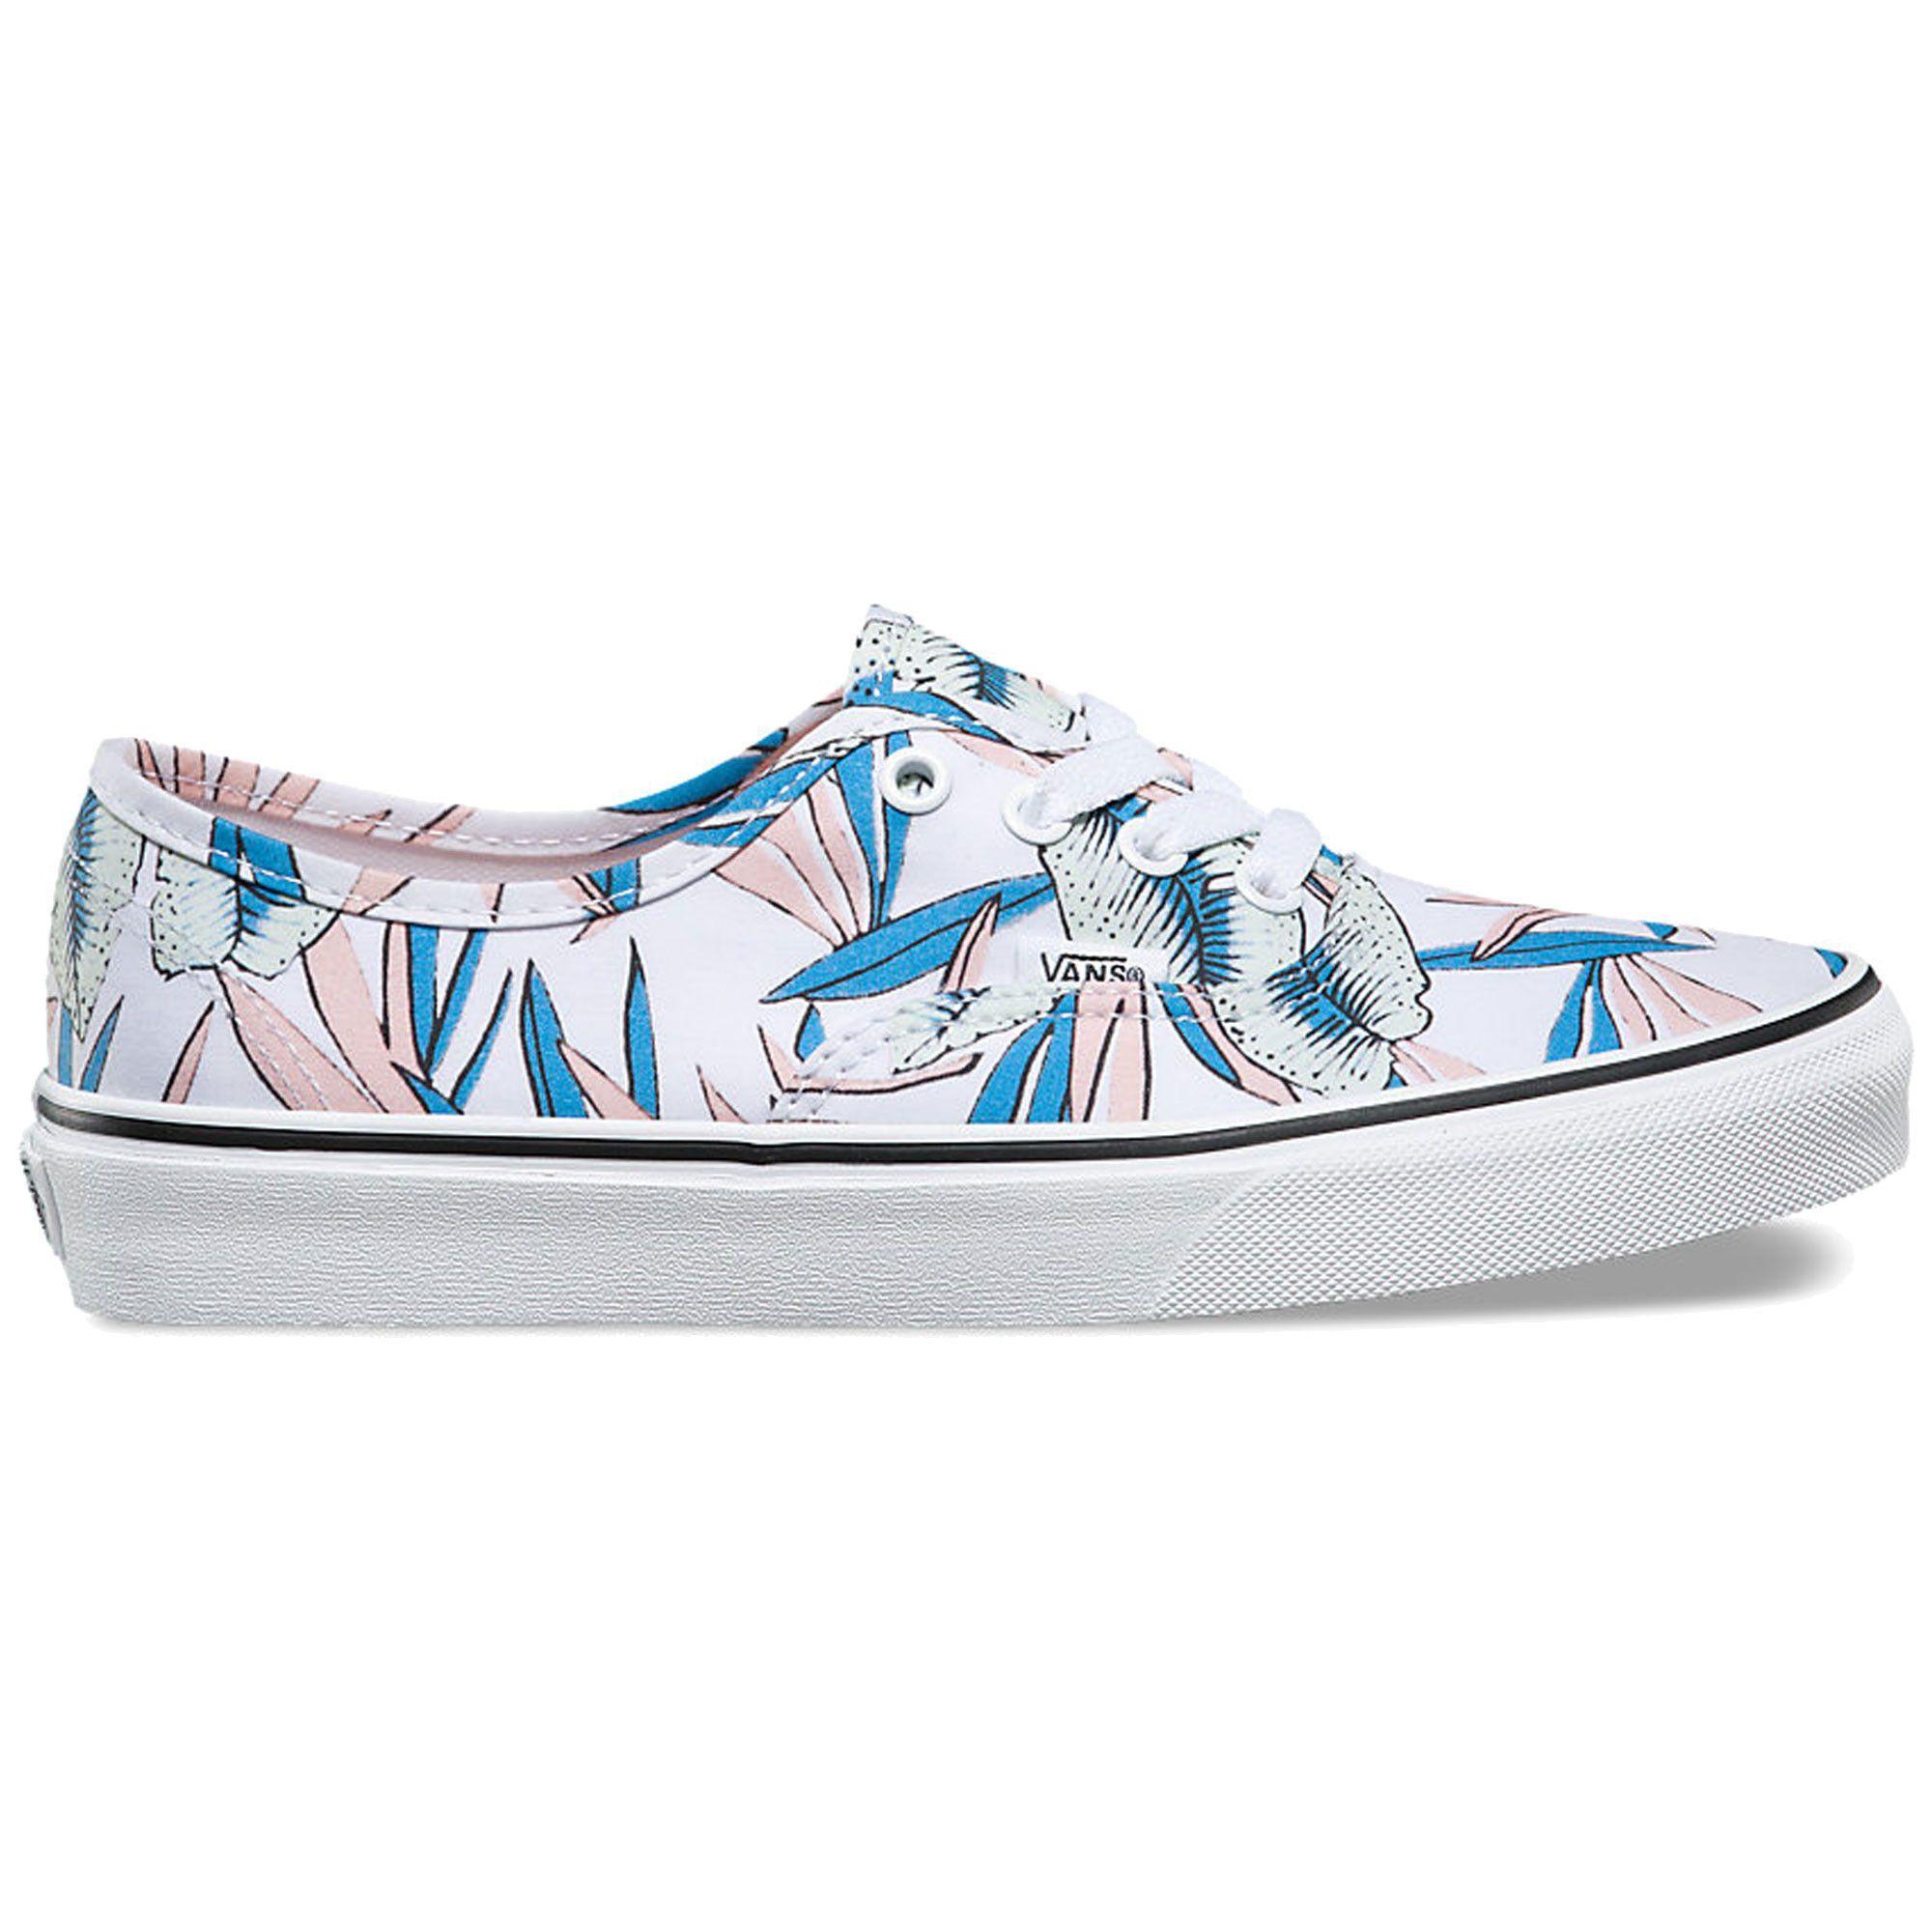 VANS Tropical Leaves/White Authentic Canvas Shoe